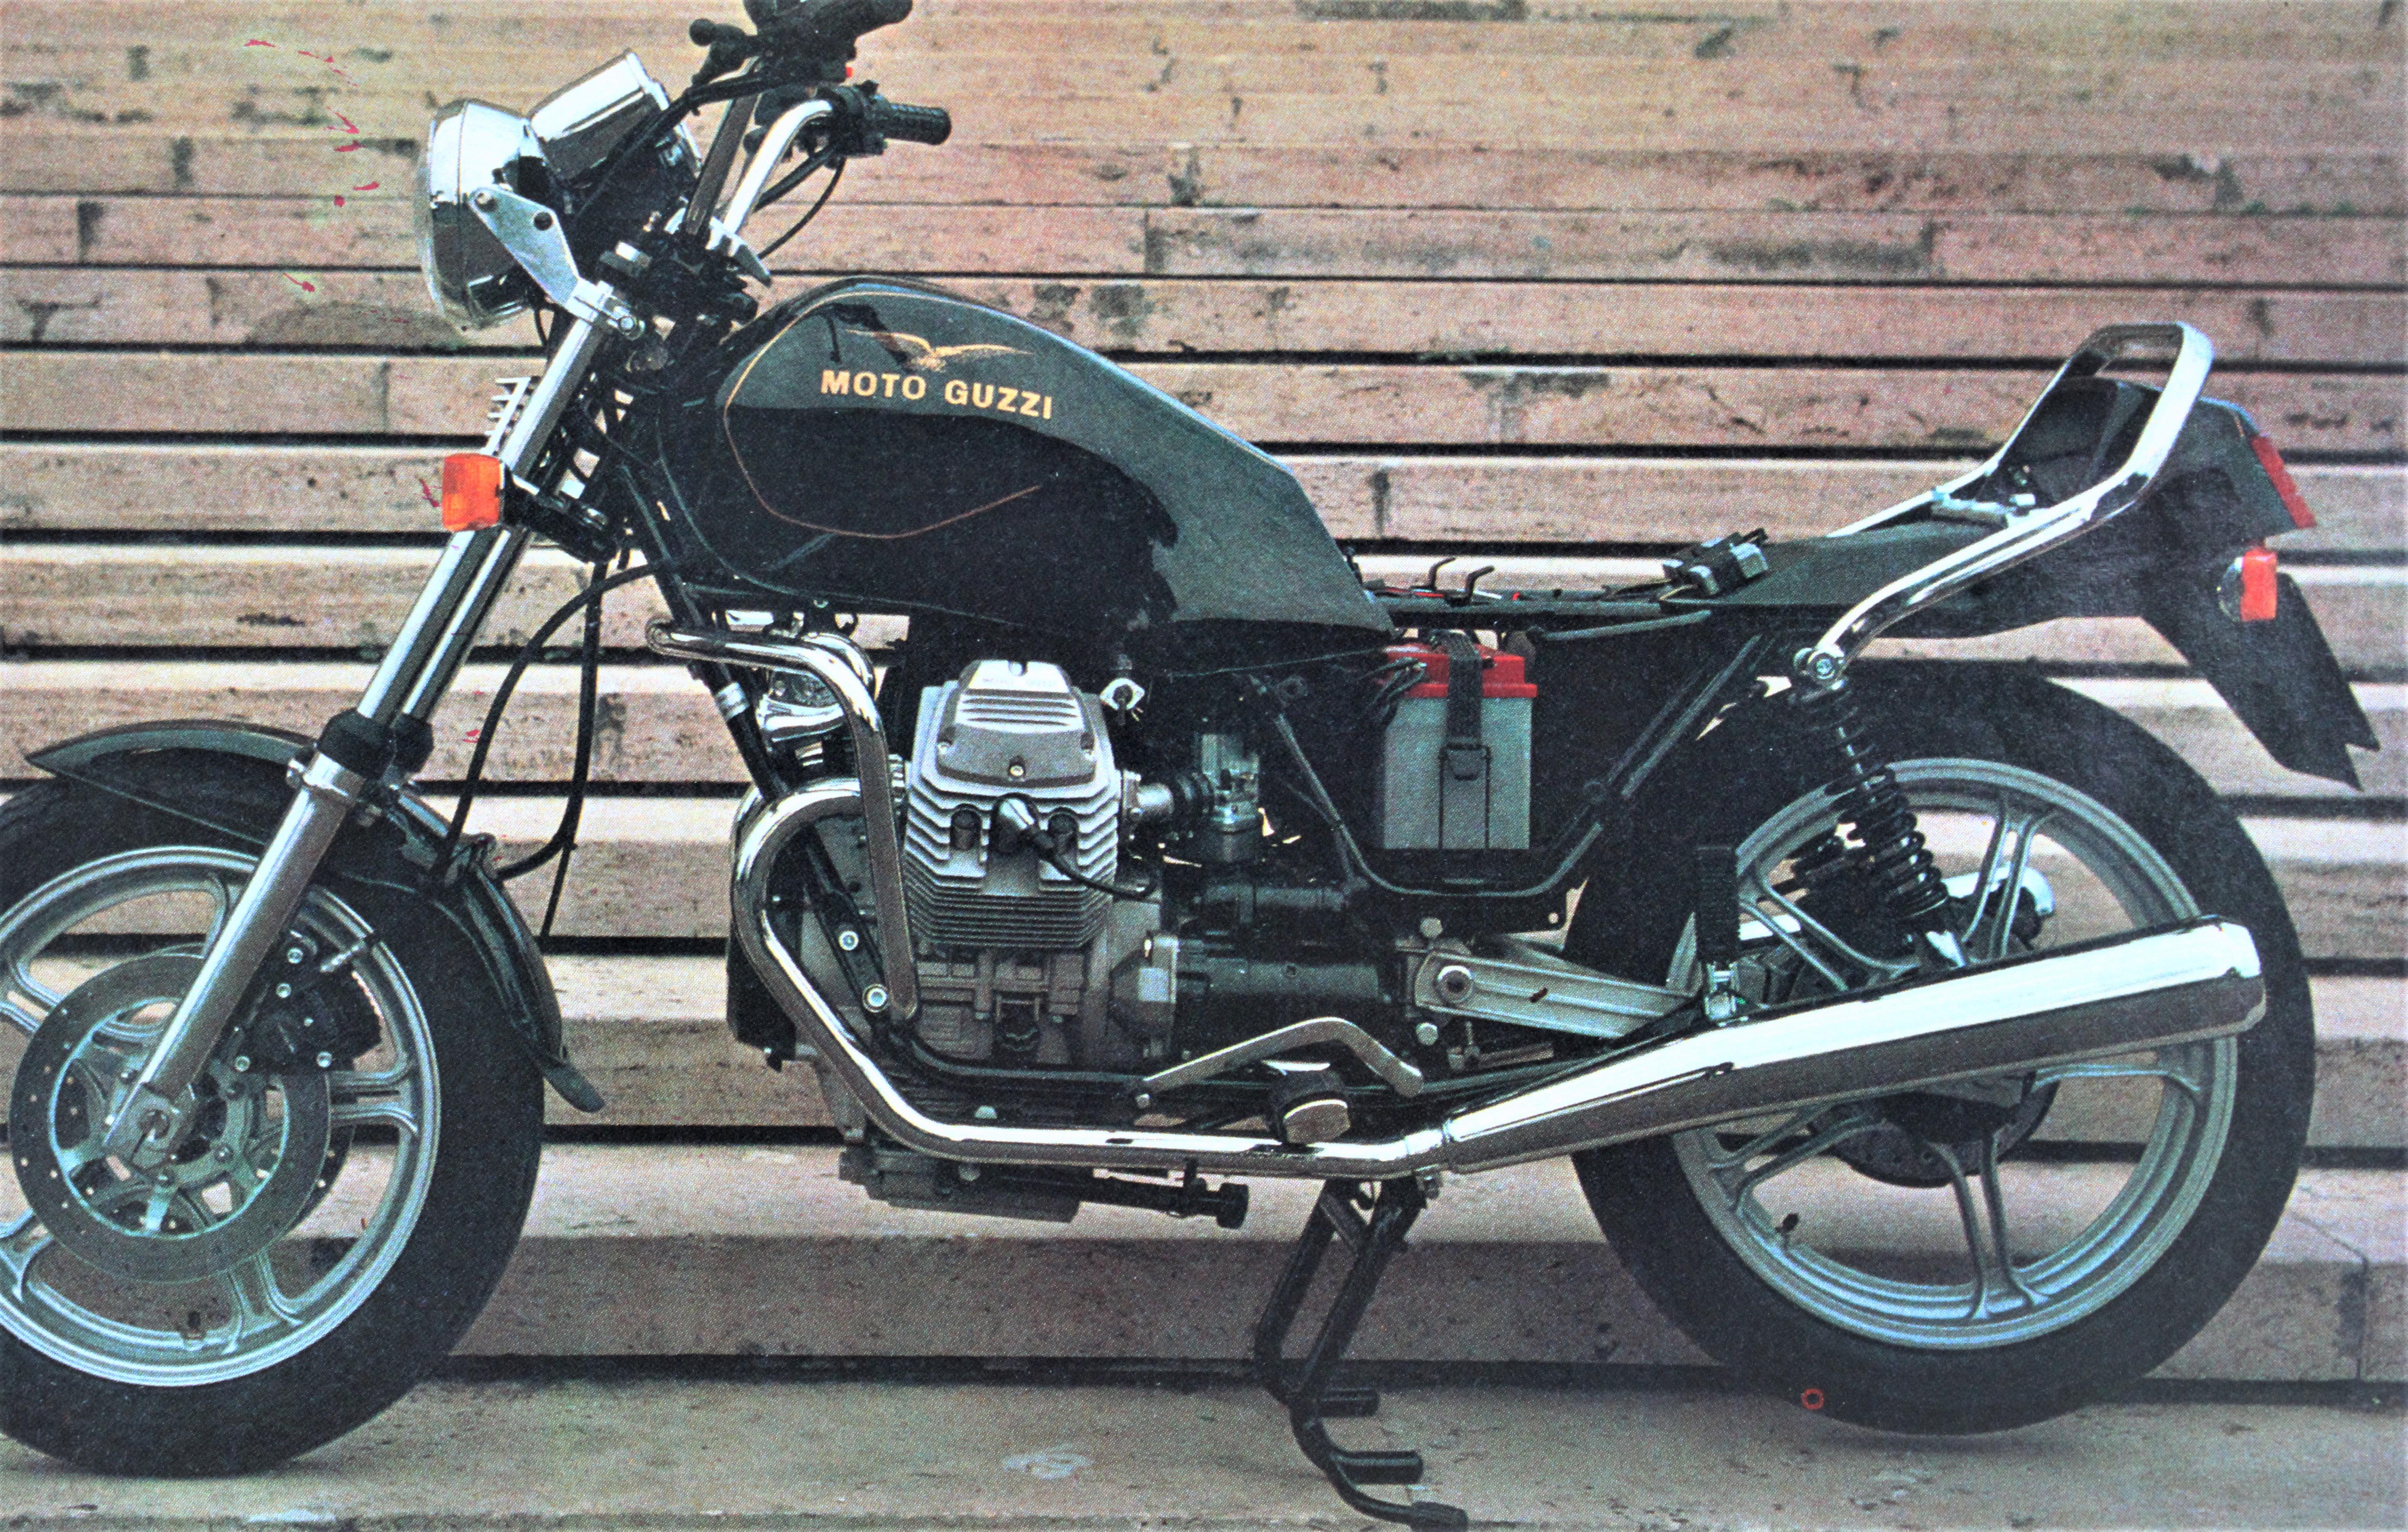 Moto Guzzi Trentacinque GT